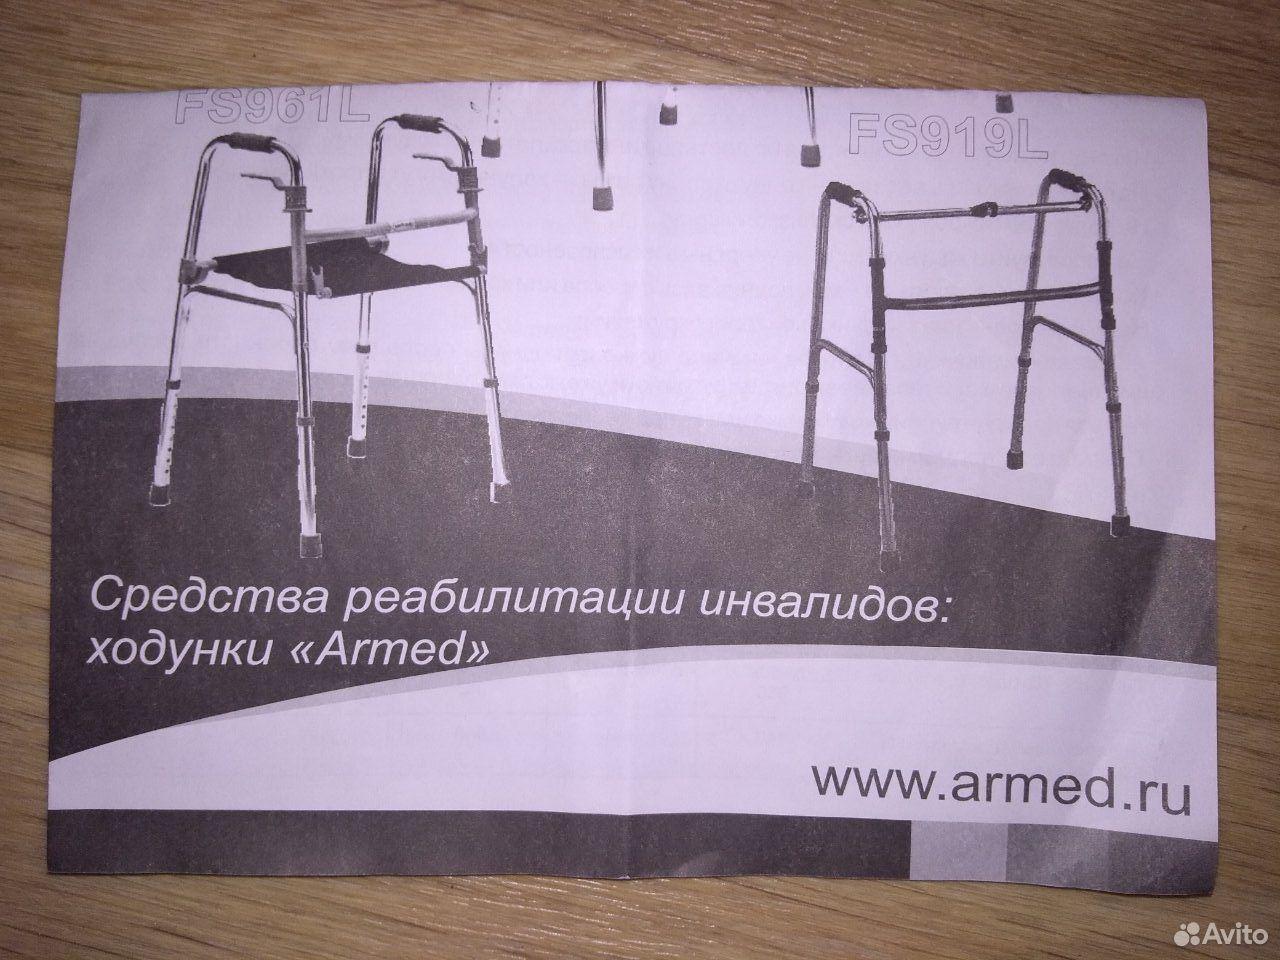 Ходунки Armed